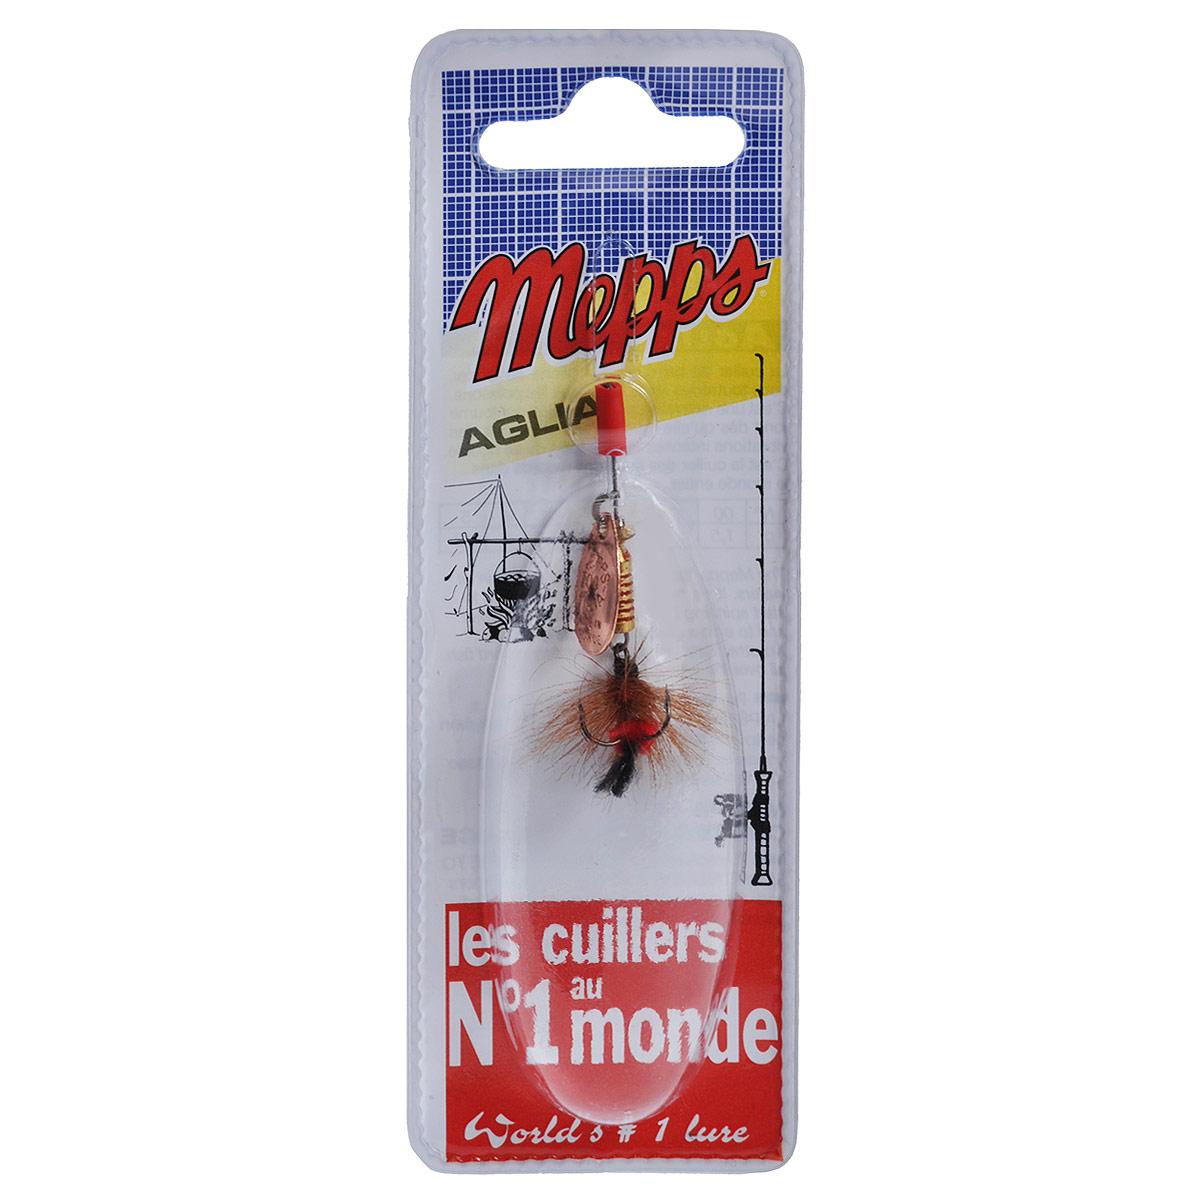 Блесна Mepps Aglia CU Mouch. Rouge, вращающаяся, №00010-01199-23Вращающаяся блесна Mepps Aglia CU Mouch. Rouge оснащена мушкой из натурального беличьего хвоста, это очень эффективные приманки для ловли жереха, голавля, язя, окуня и других видов рыб, особенно в периоды массового вылета насекомых.Aglia Mouche - некрупная блесна, которая особенно подходит для летней ловли рыбы (особенно осторожной) на мелководье.